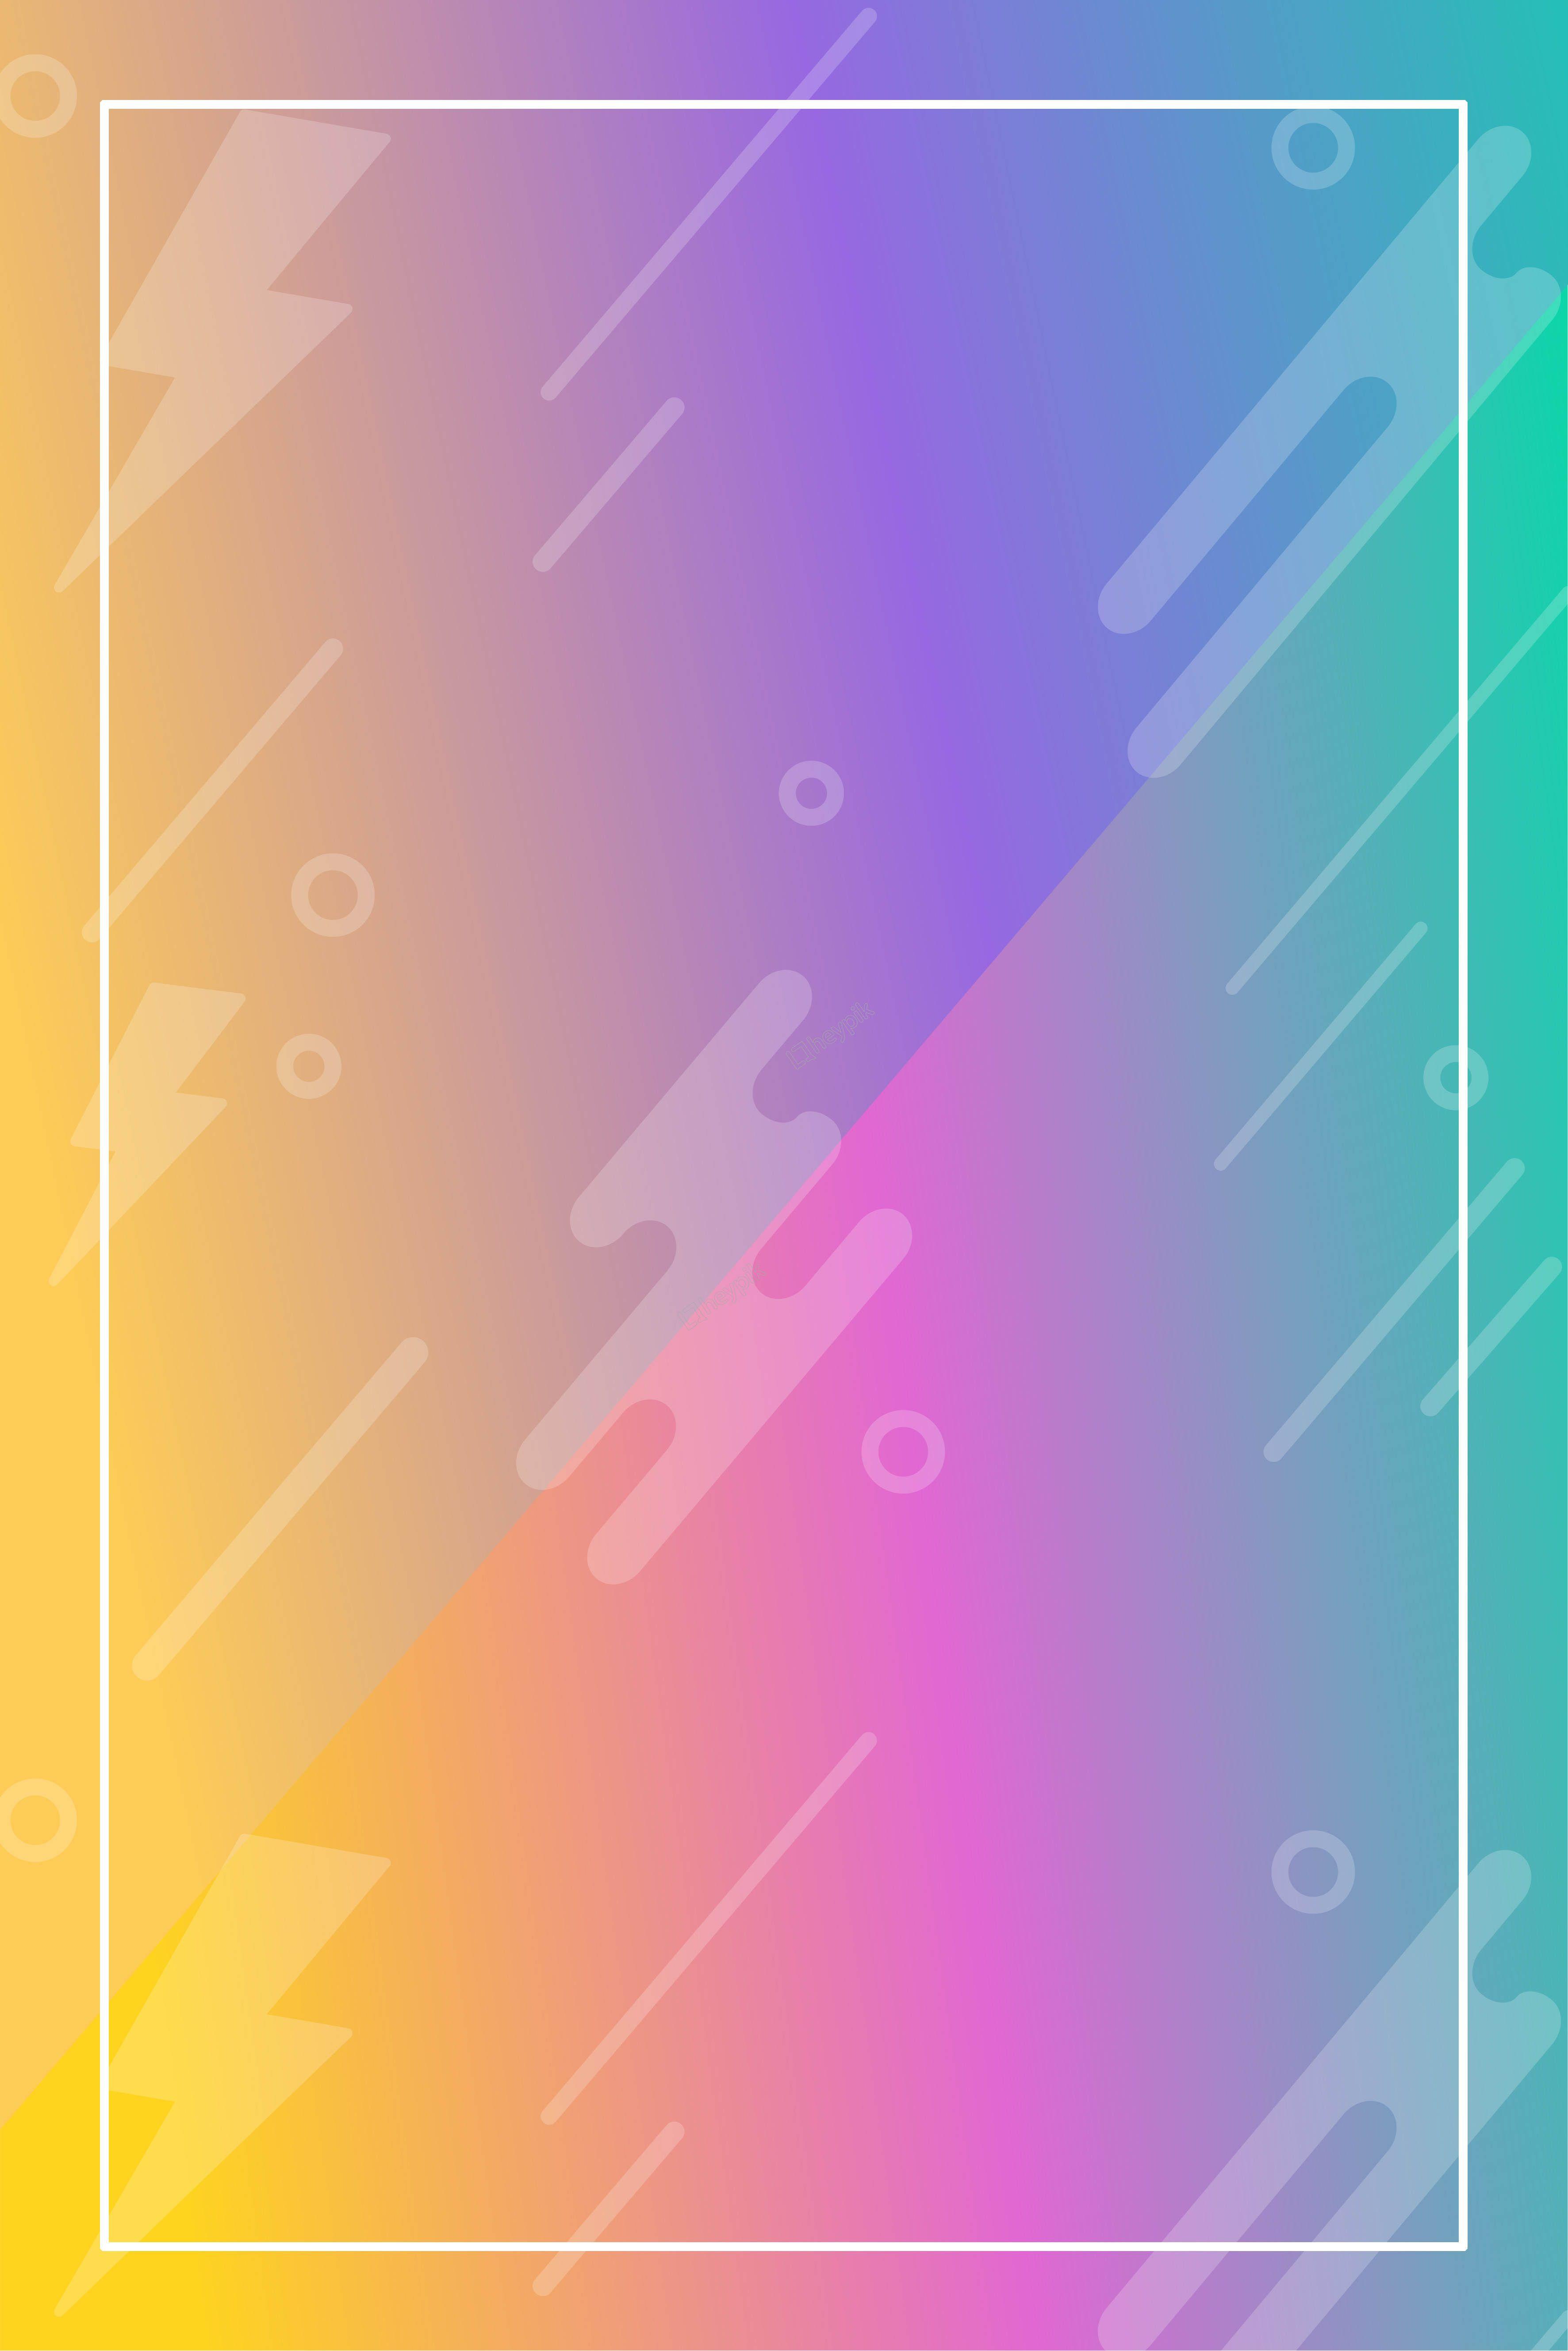 Fond Graphique Abstrait Effet Photo Coloré Screenprinting